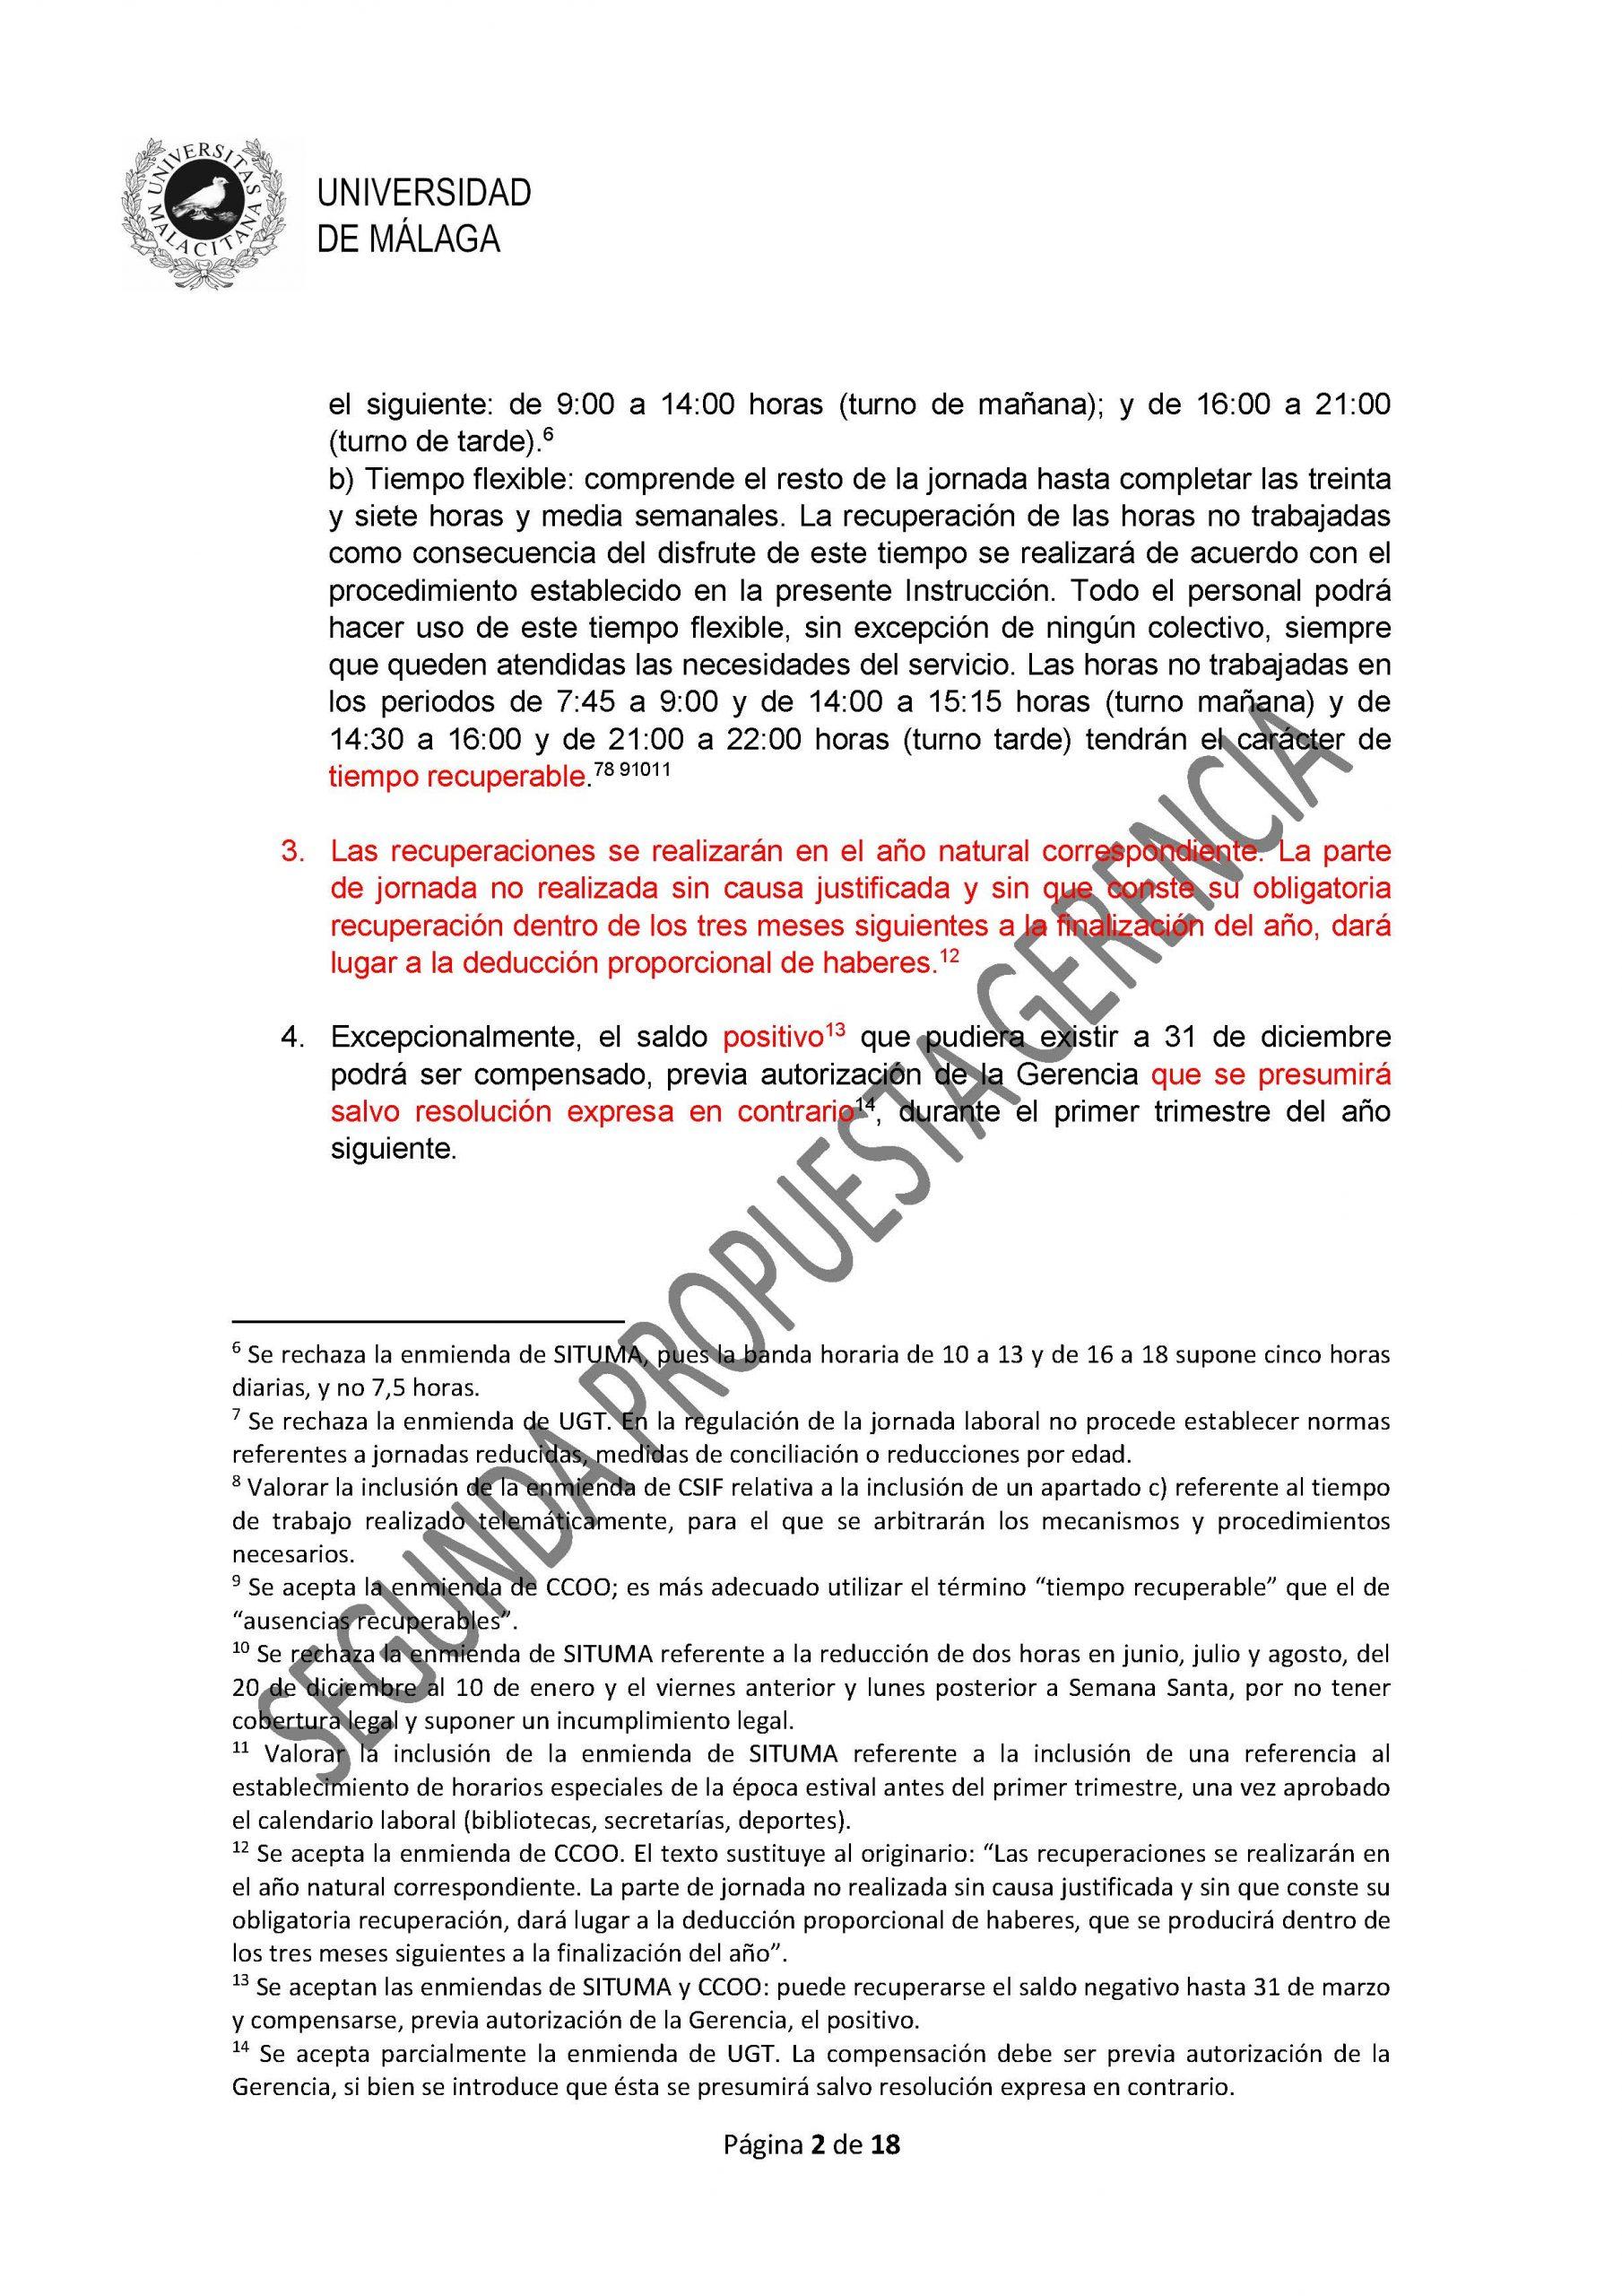 instruccion_interna_segunda_propuesta_gerencia_pgina_02